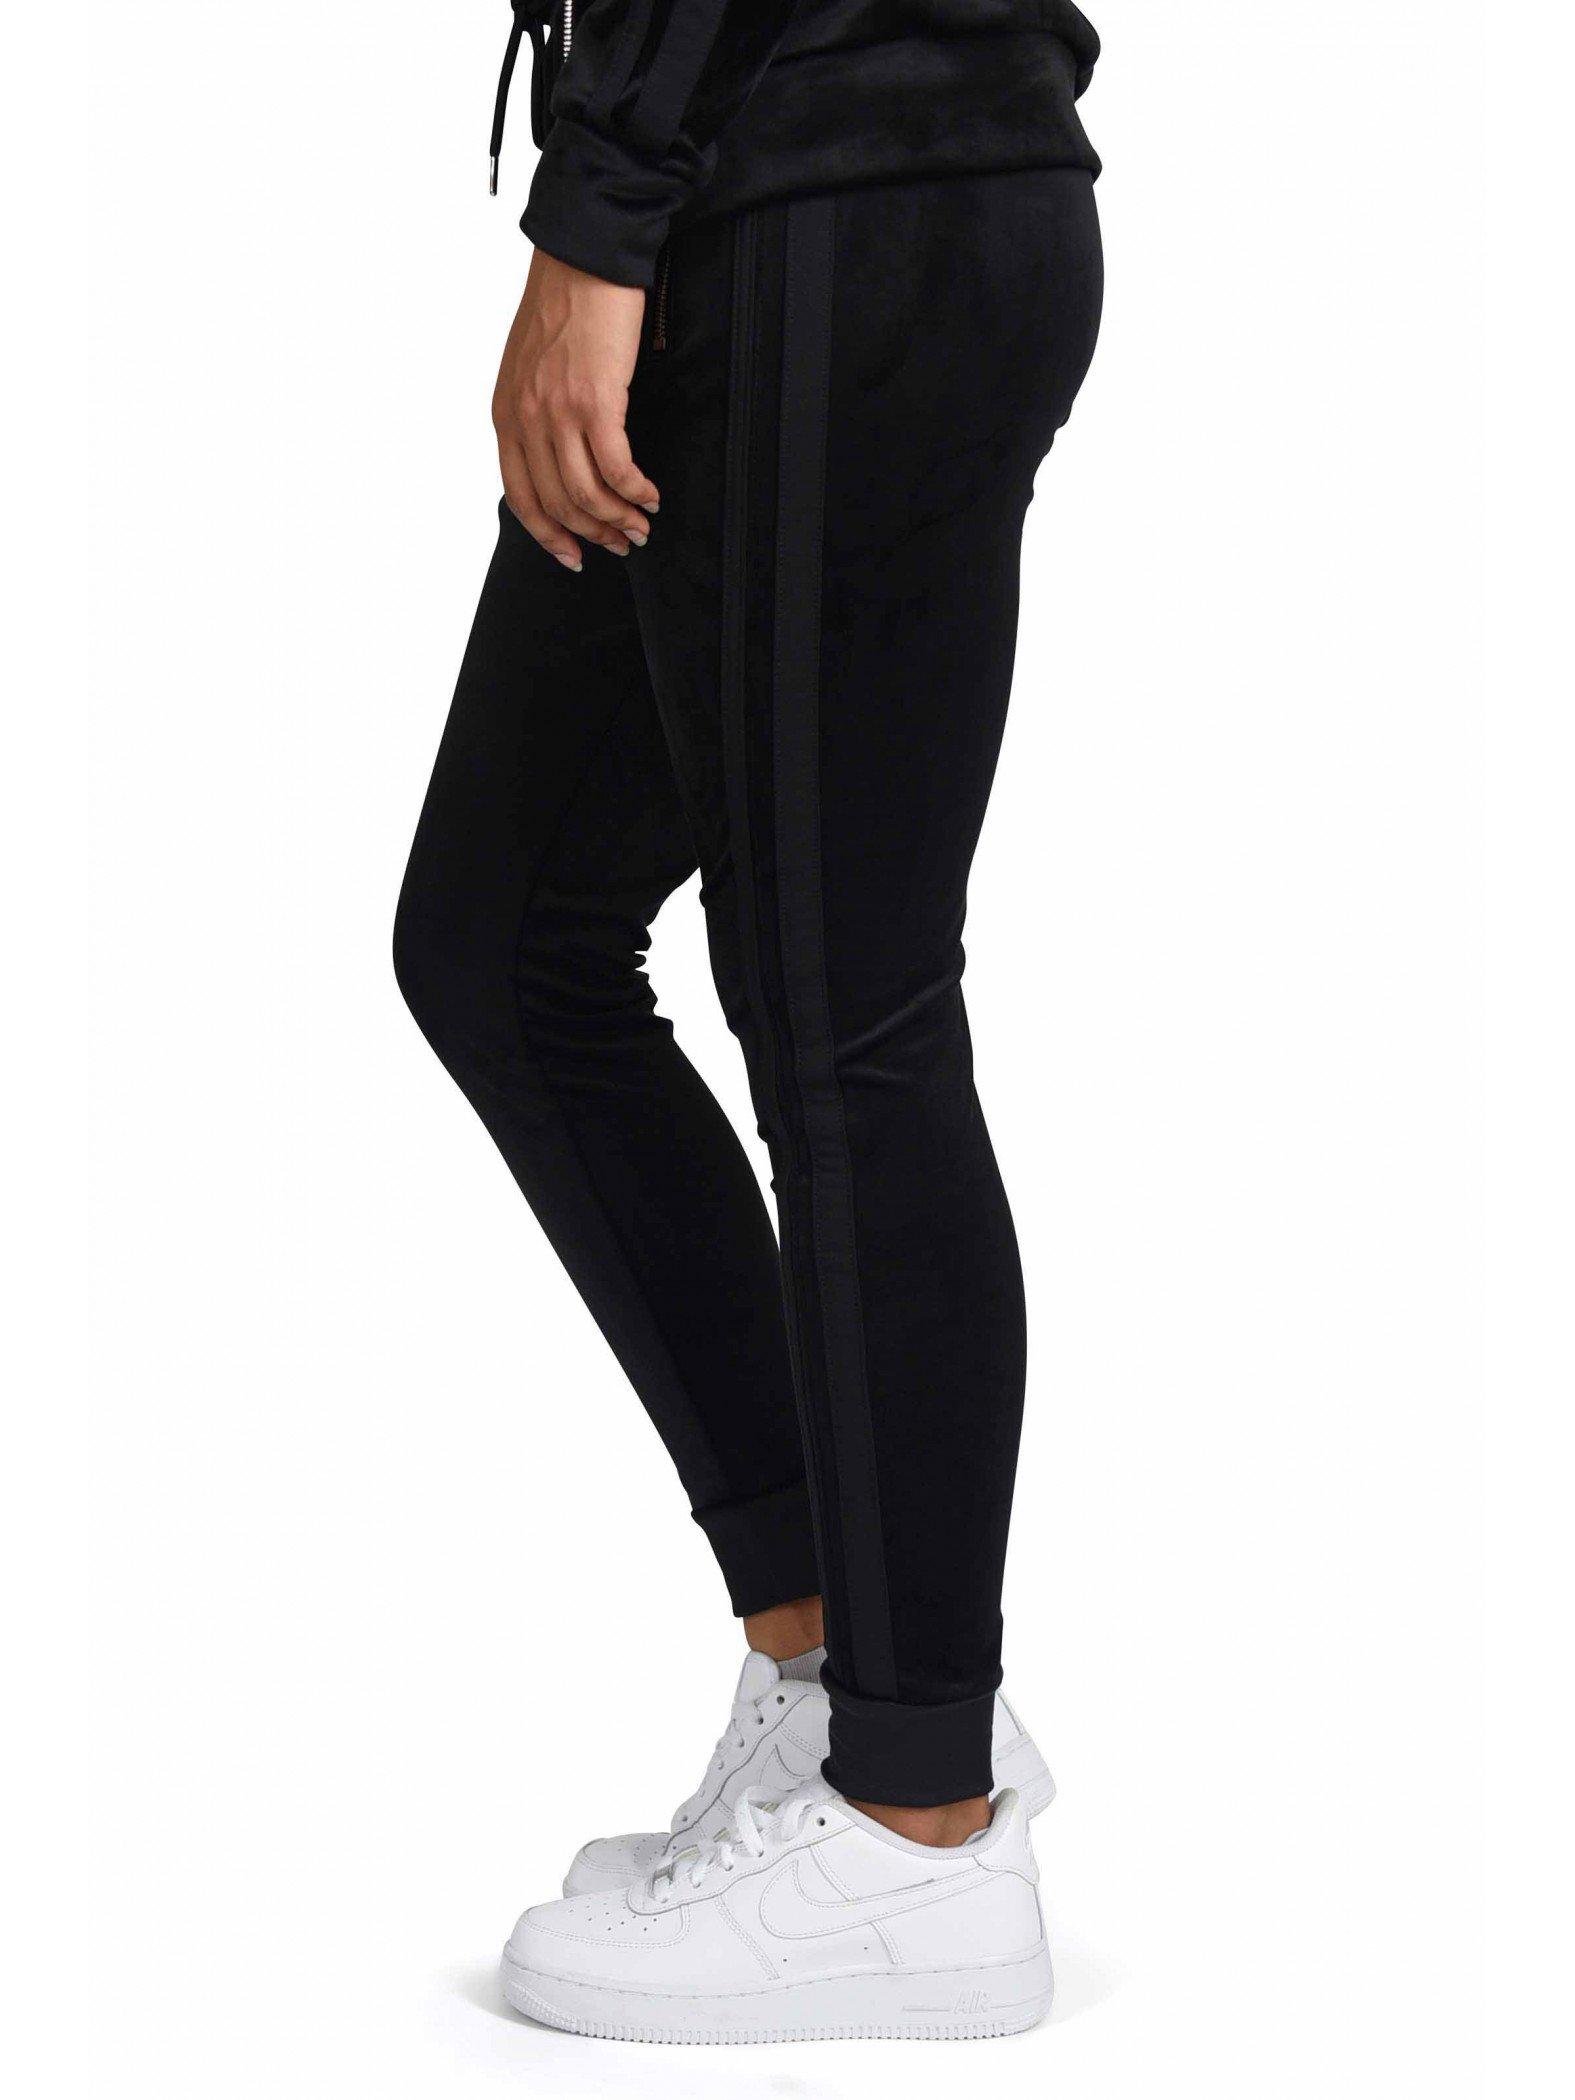 Pantalon Bandes Project X Velvet Doubles Femme ParisEbay De Jogging fgY6y7b